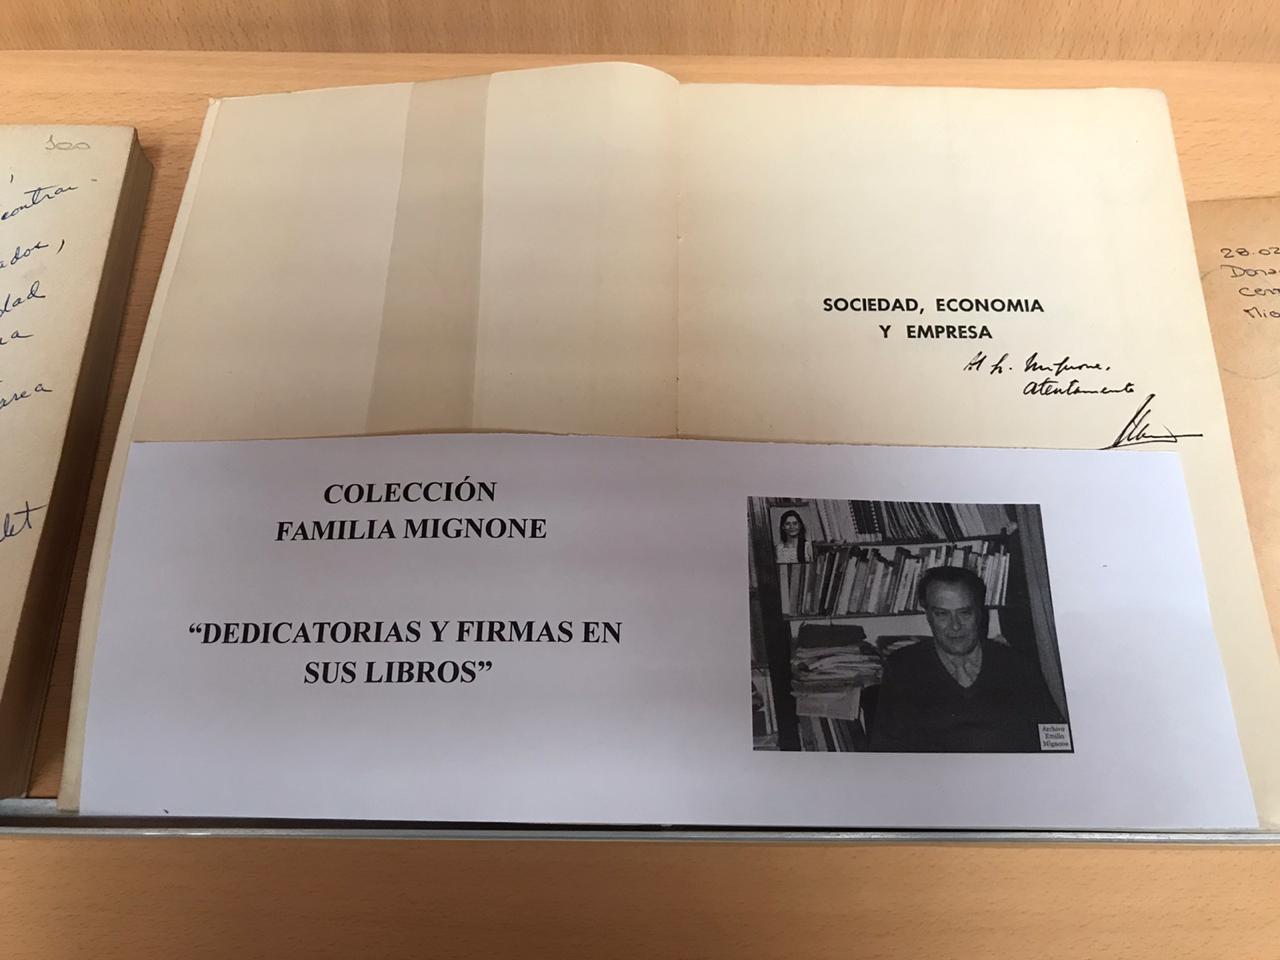 Colección Familia Mignone